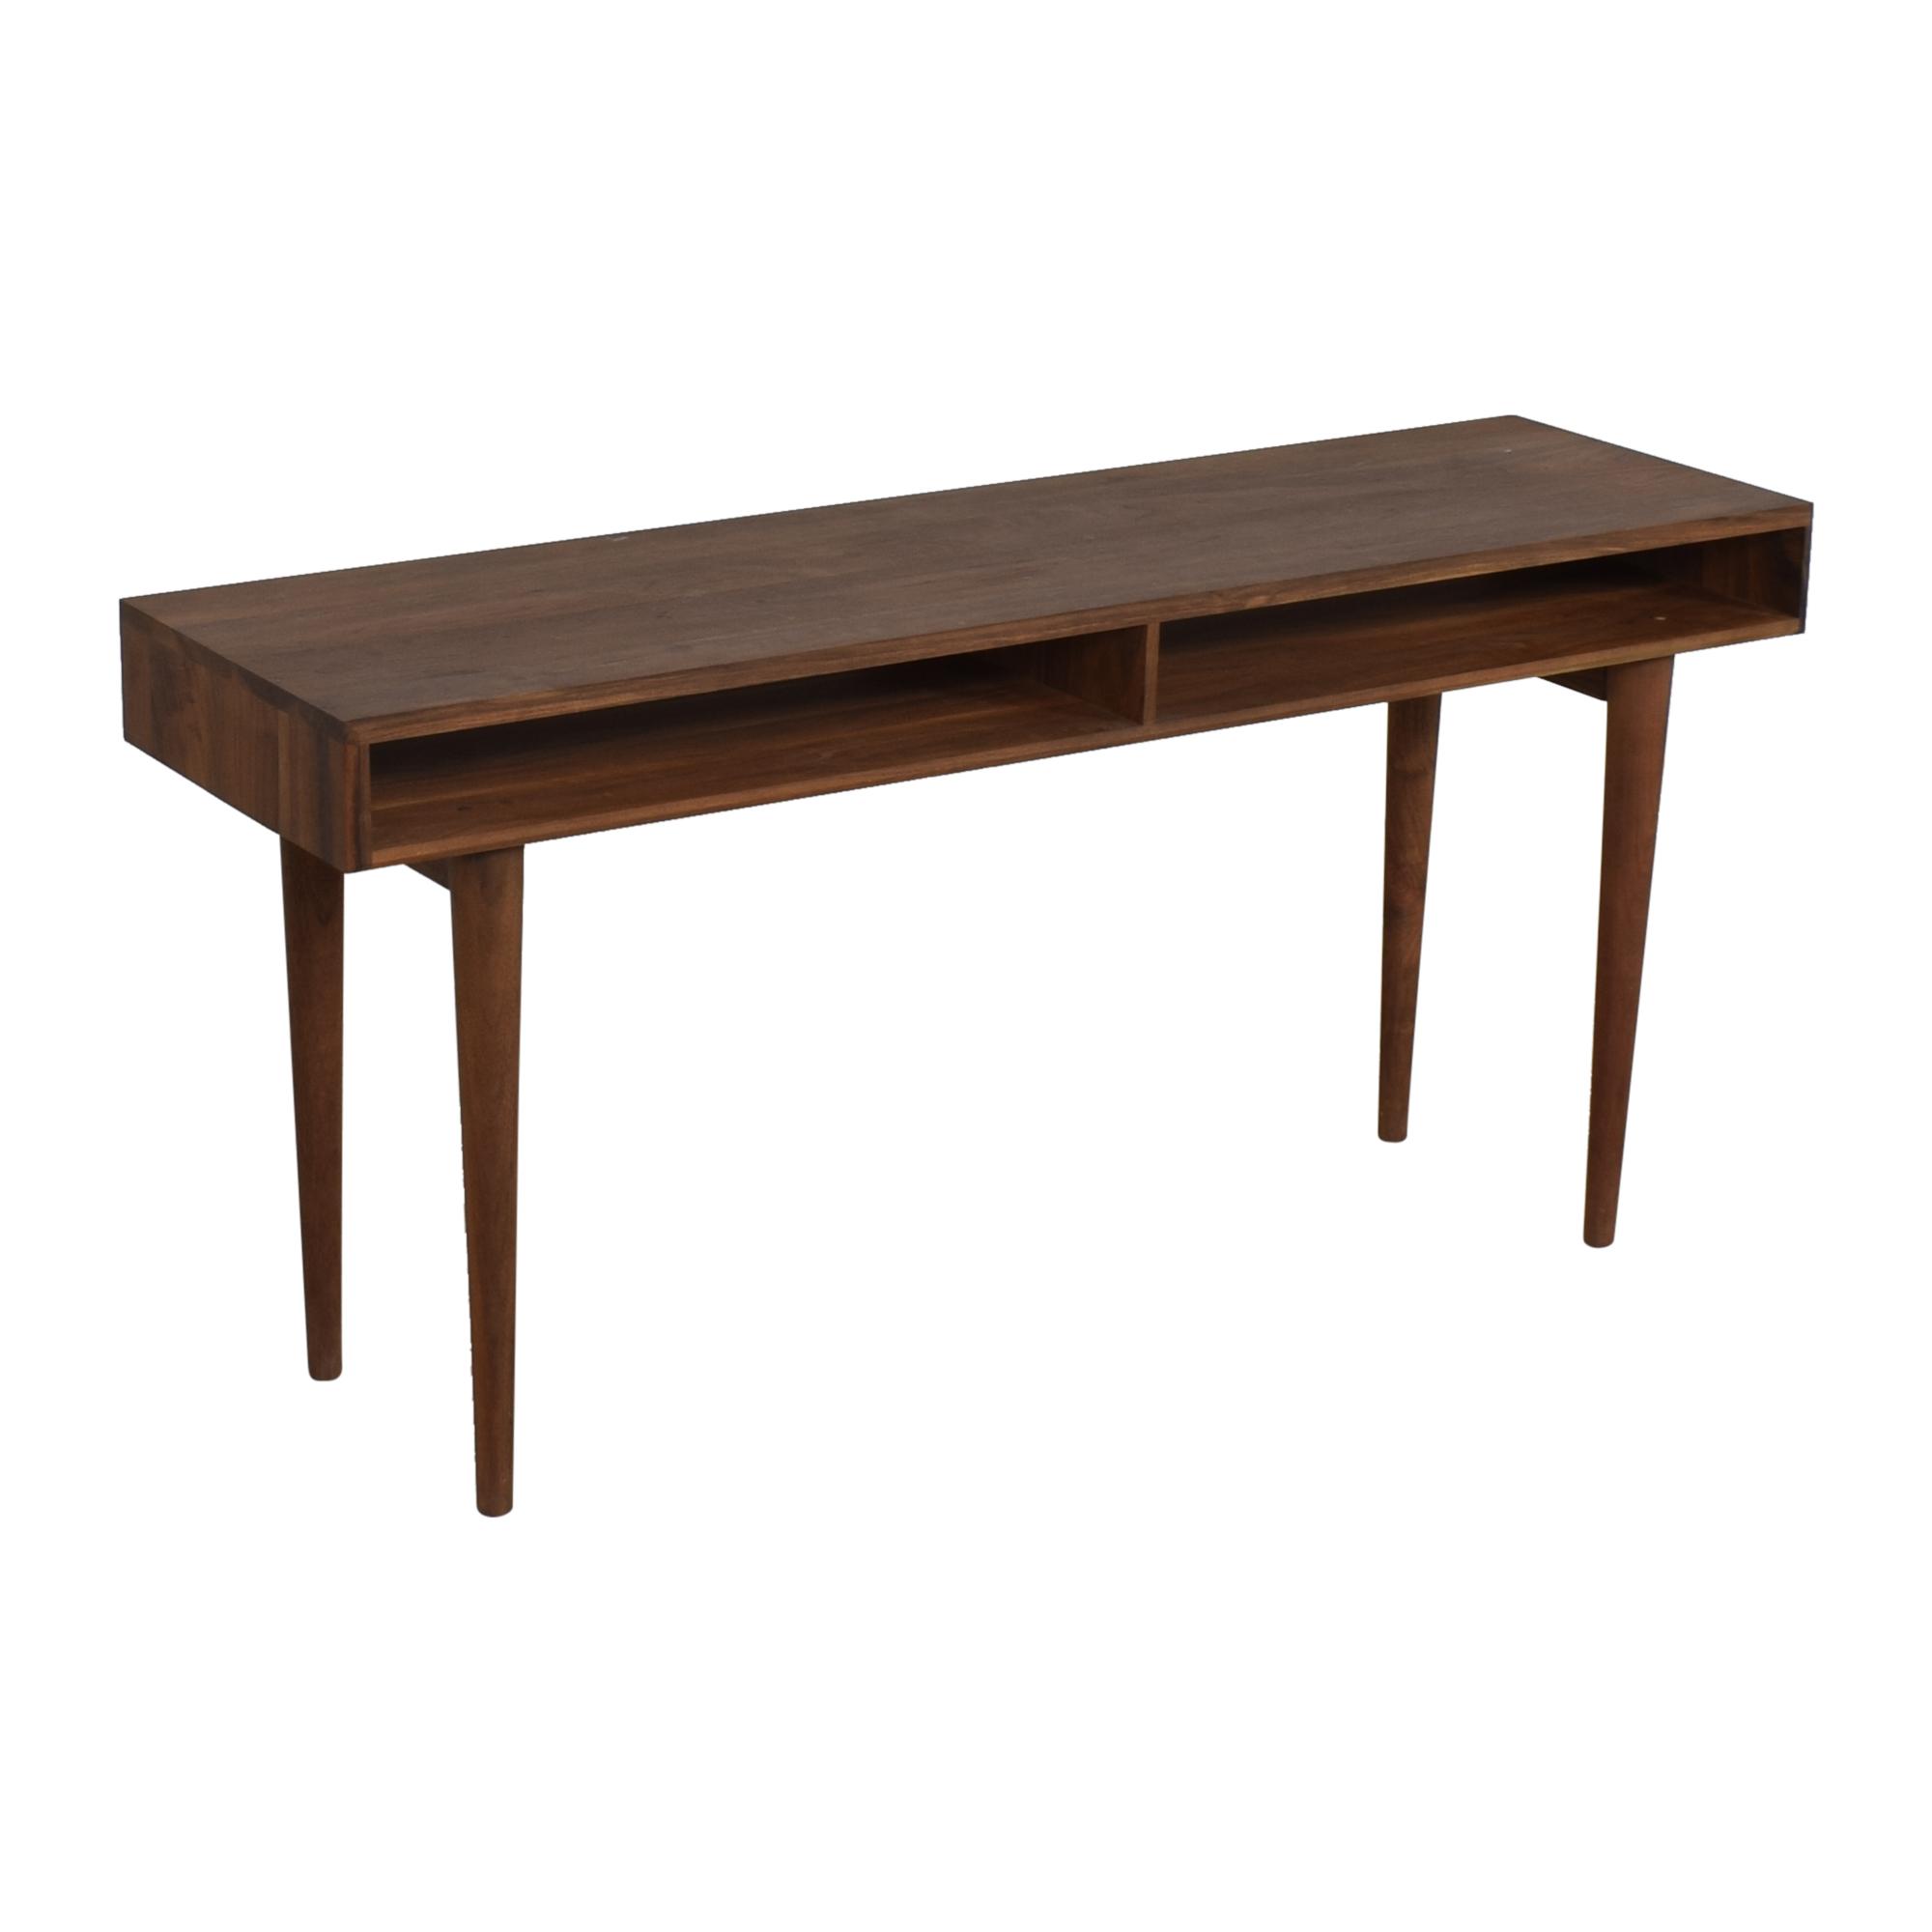 Room & Board Room & Board Grove Console Table or Desk dimensions